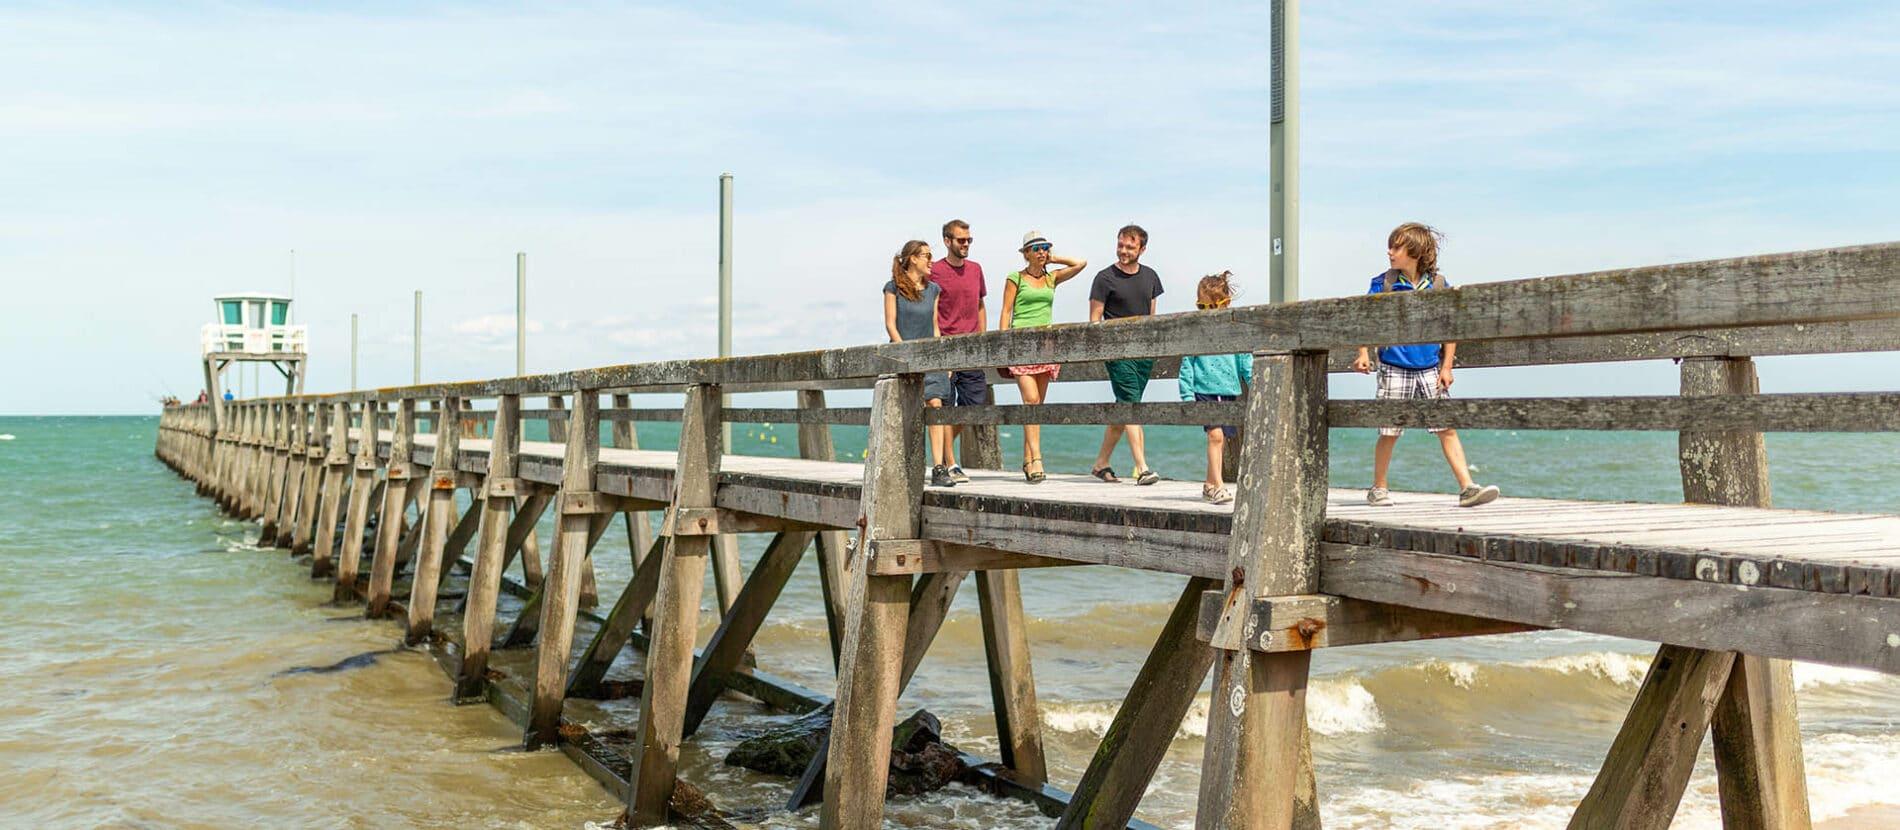 Une famille en balade sur le ponton au dessus de la mer à Luc-sur-mer